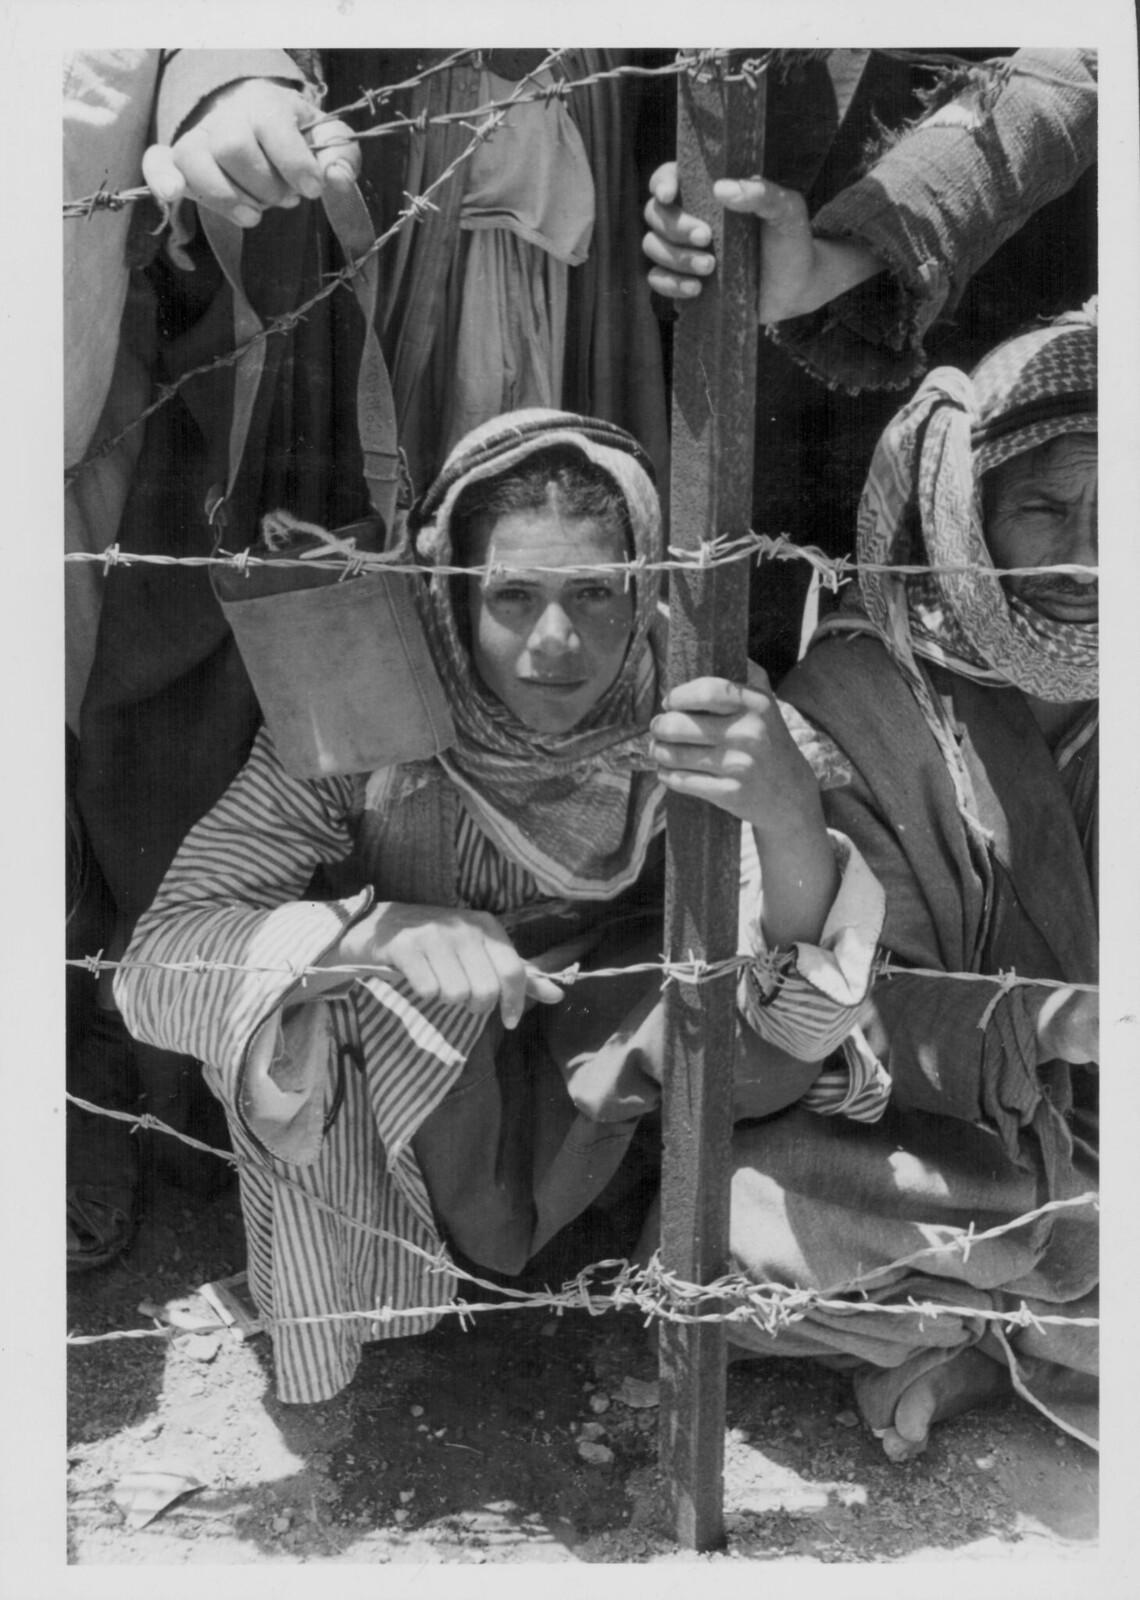 07. Арабские заключенные за колючей проволокой в концлагере для мятежников, расположенном в Дженине